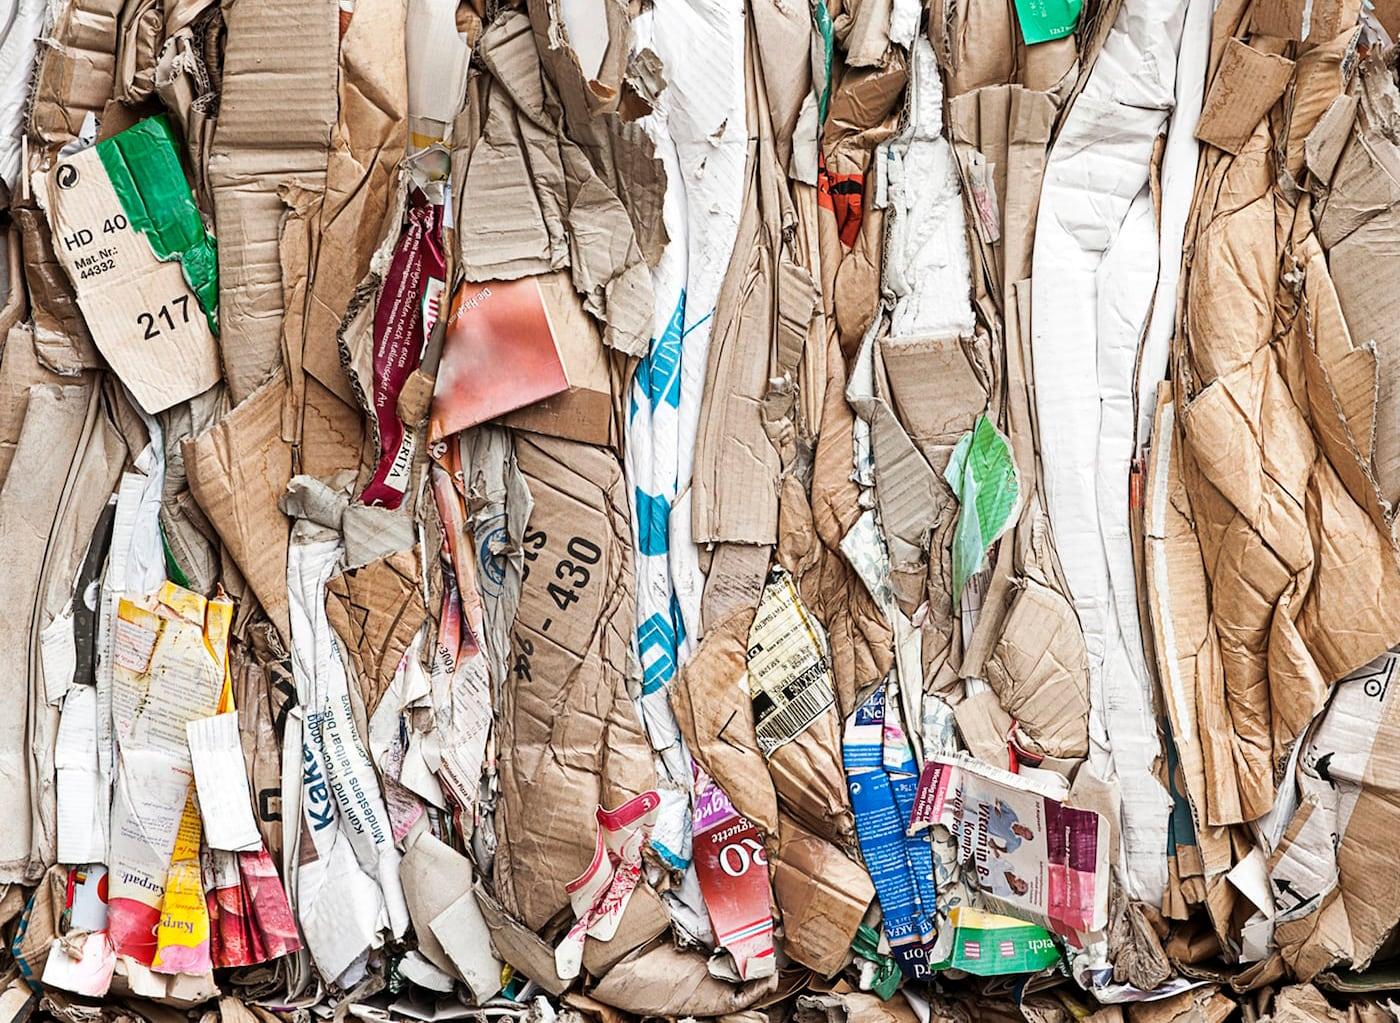 Wir bei IKEA betrachten Abfall als etwas Wertvolles und wir möchten dir dabei helfen, es genauso zu sehen. Denn wenn wir weniger Abfall produzieren, können wir den kommenden Generationen einen saubereren, intakteren Planeten überlassen.